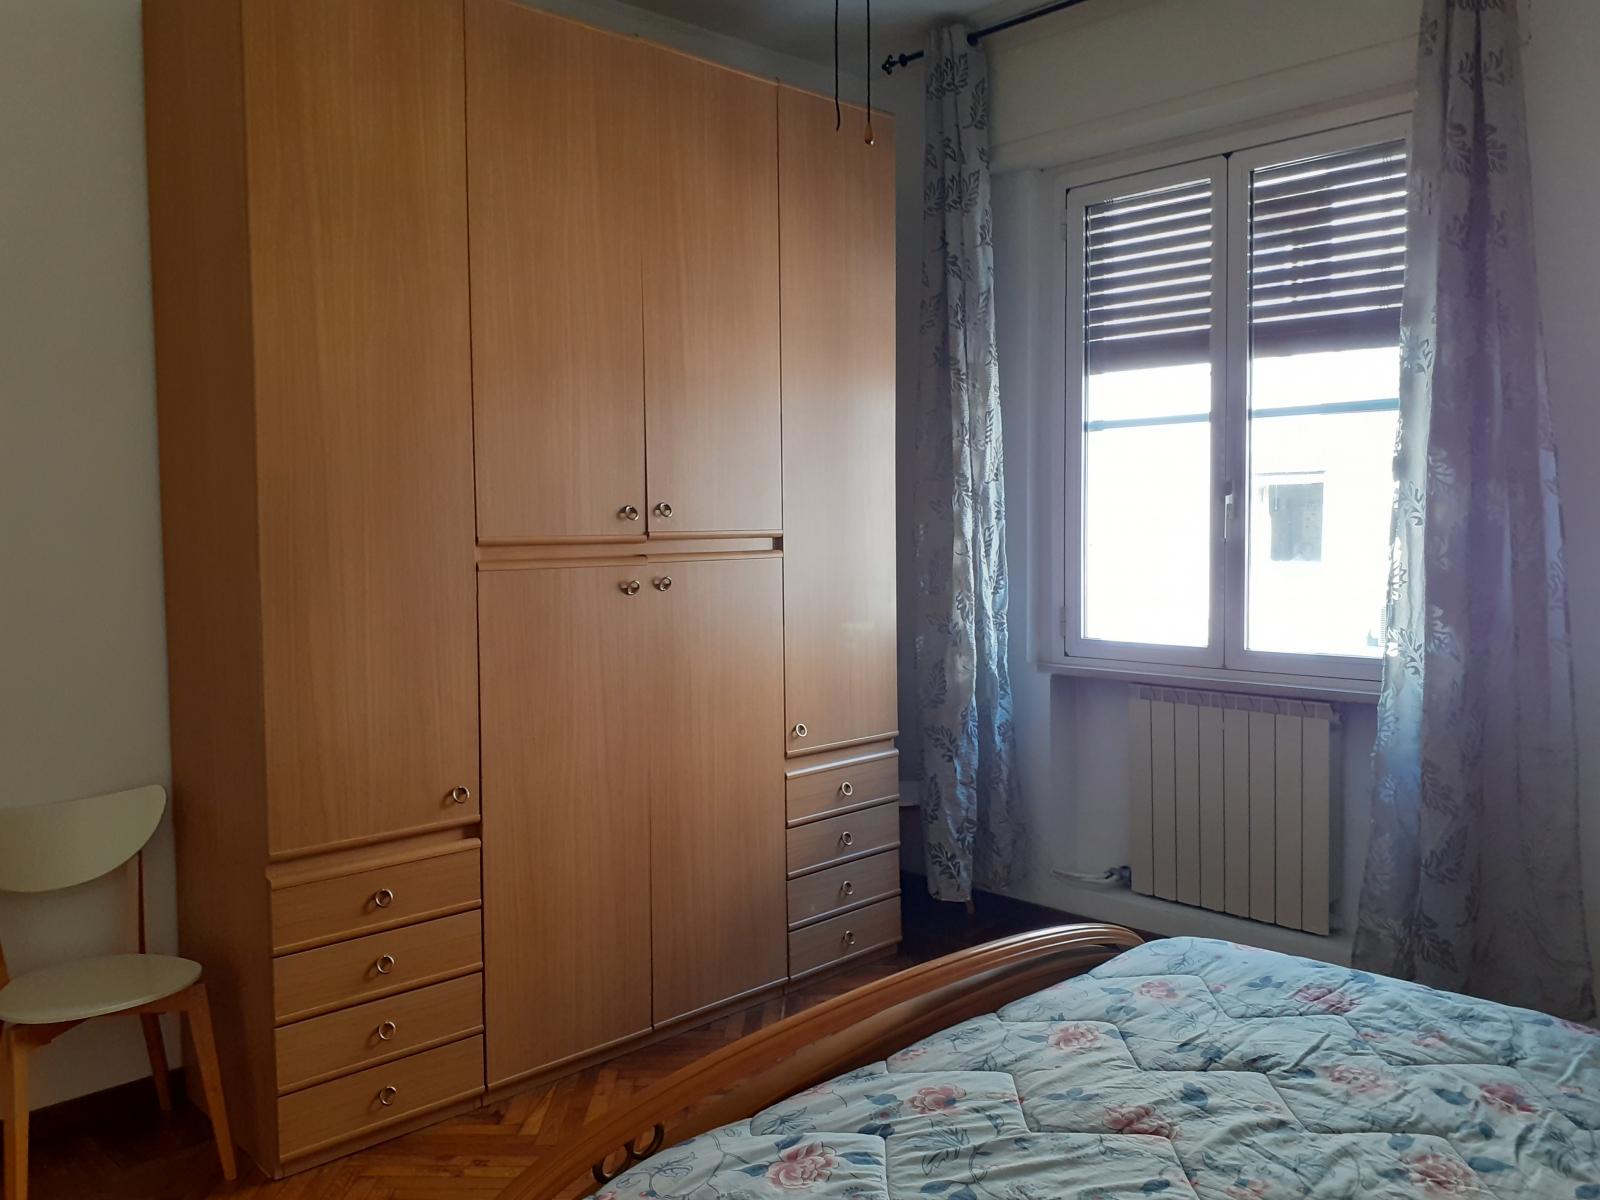 appartamento-in-vendita-a-cornaredo-milano-3-locali-trilocale-spaziourbano-immobiliare-vende-9